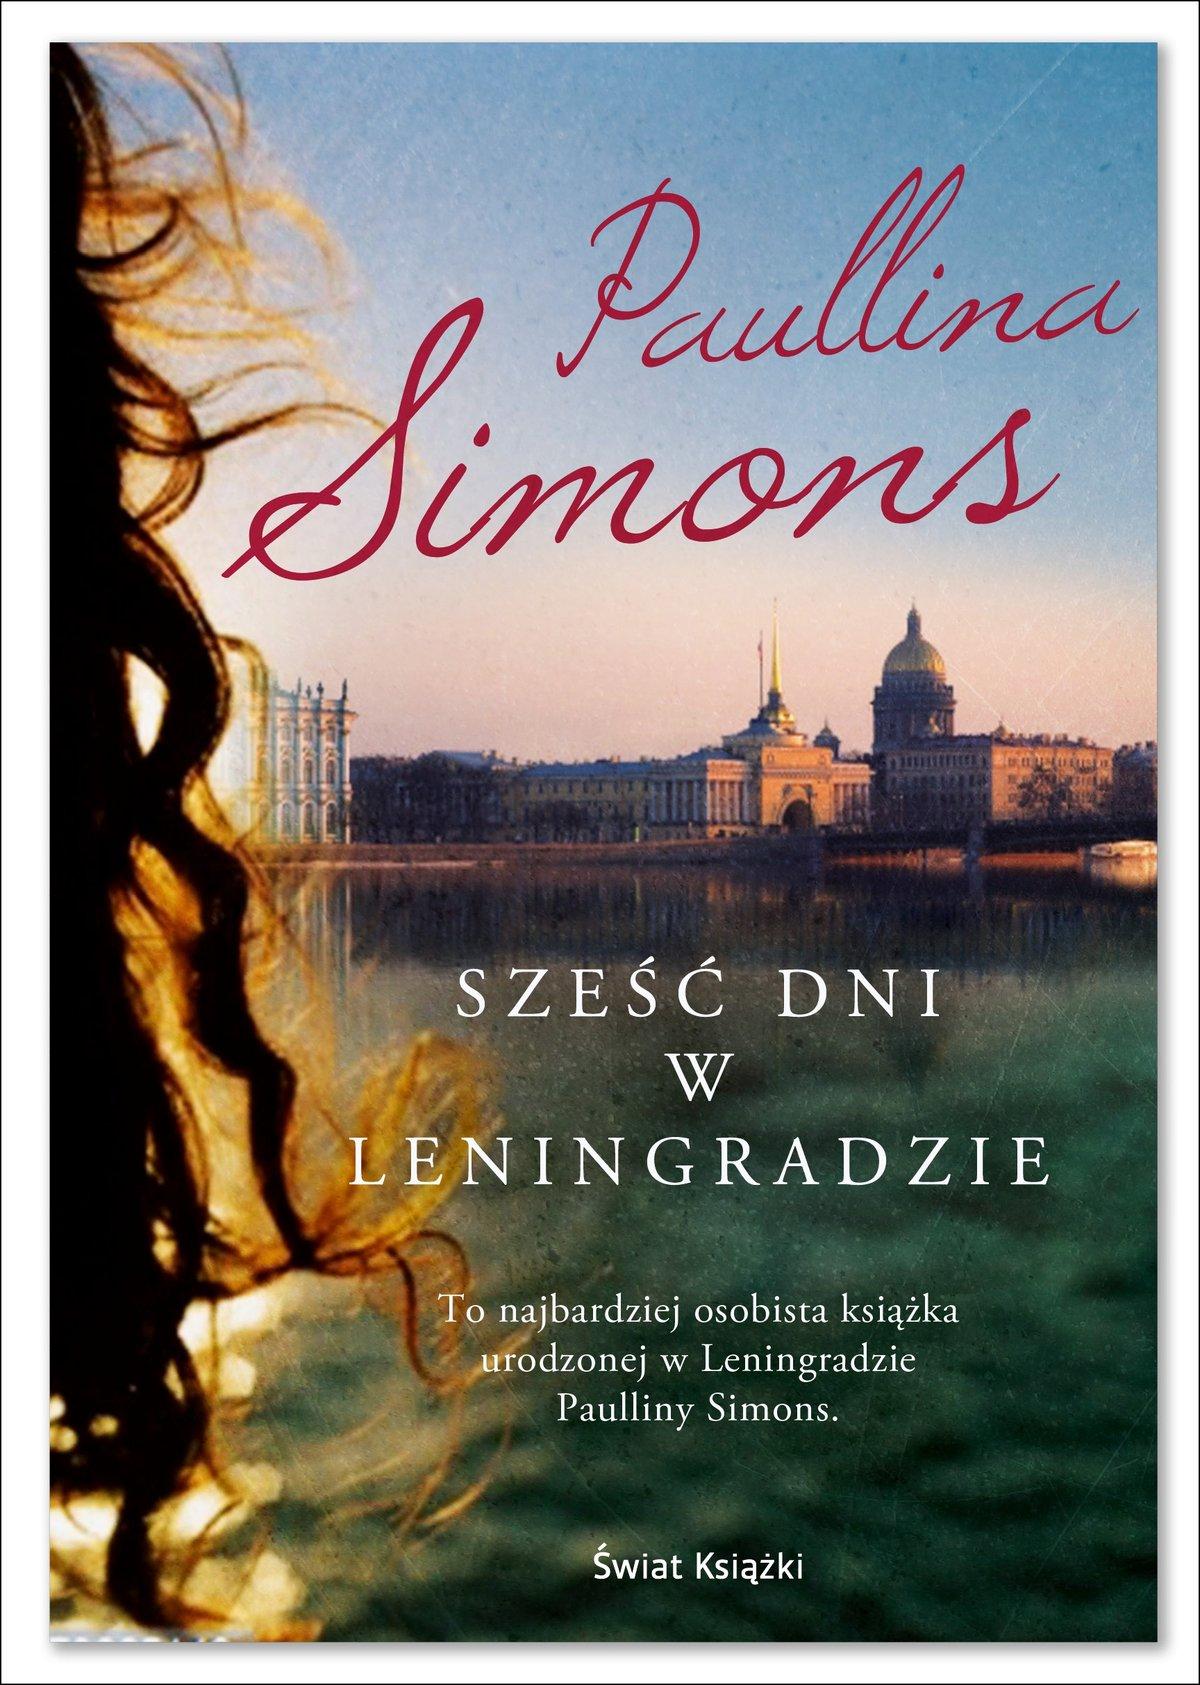 Sześć dni w Leningradzie - Ebook (Książka EPUB) do pobrania w formacie EPUB